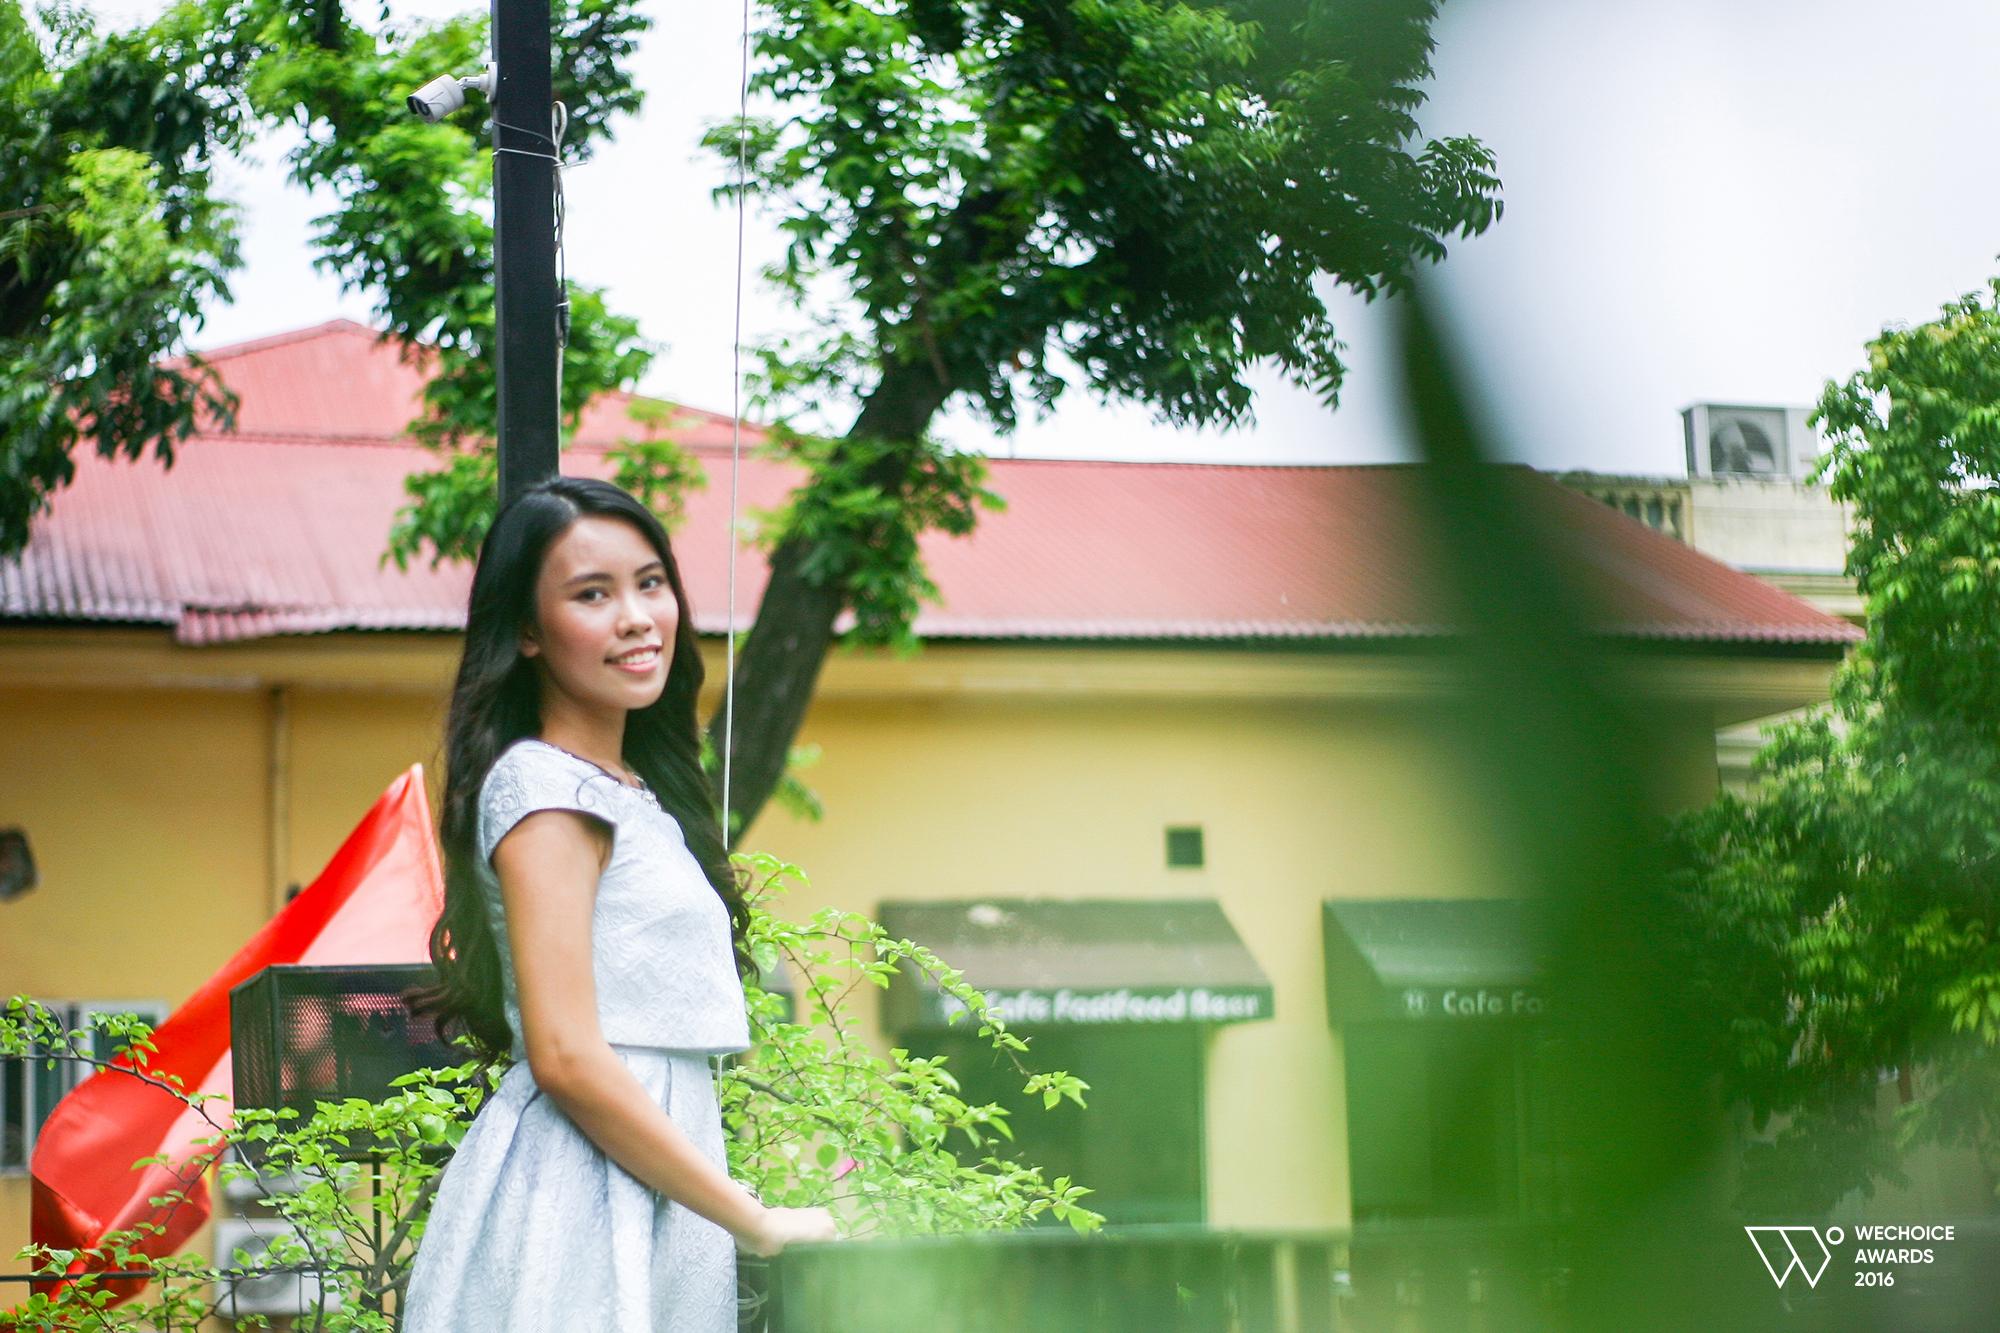 Nữ sinh 17 tuổi mang hội thảo Mô phỏng Liên Hợp Quốc về cho các bạn trẻ Việt Nam - Ảnh 5.